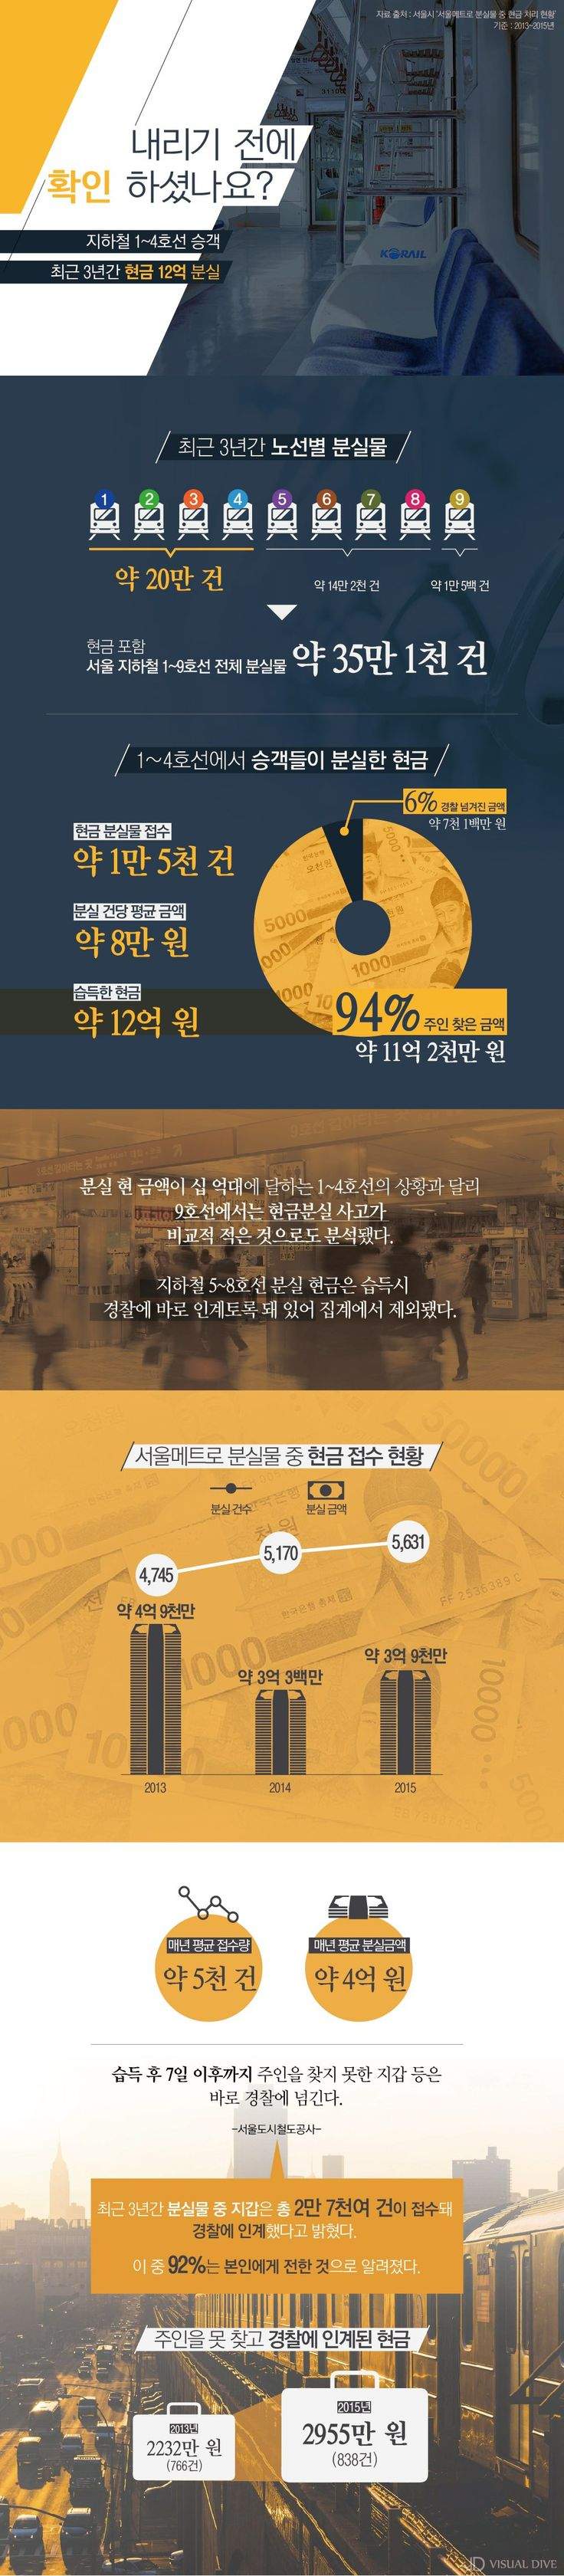 3년 간 지하철에서 분실된 현금은 얼마? [인포그래픽] #subway / #Infographic ⓒ 비주얼다이브 무단 복사·전재·재배포 금지